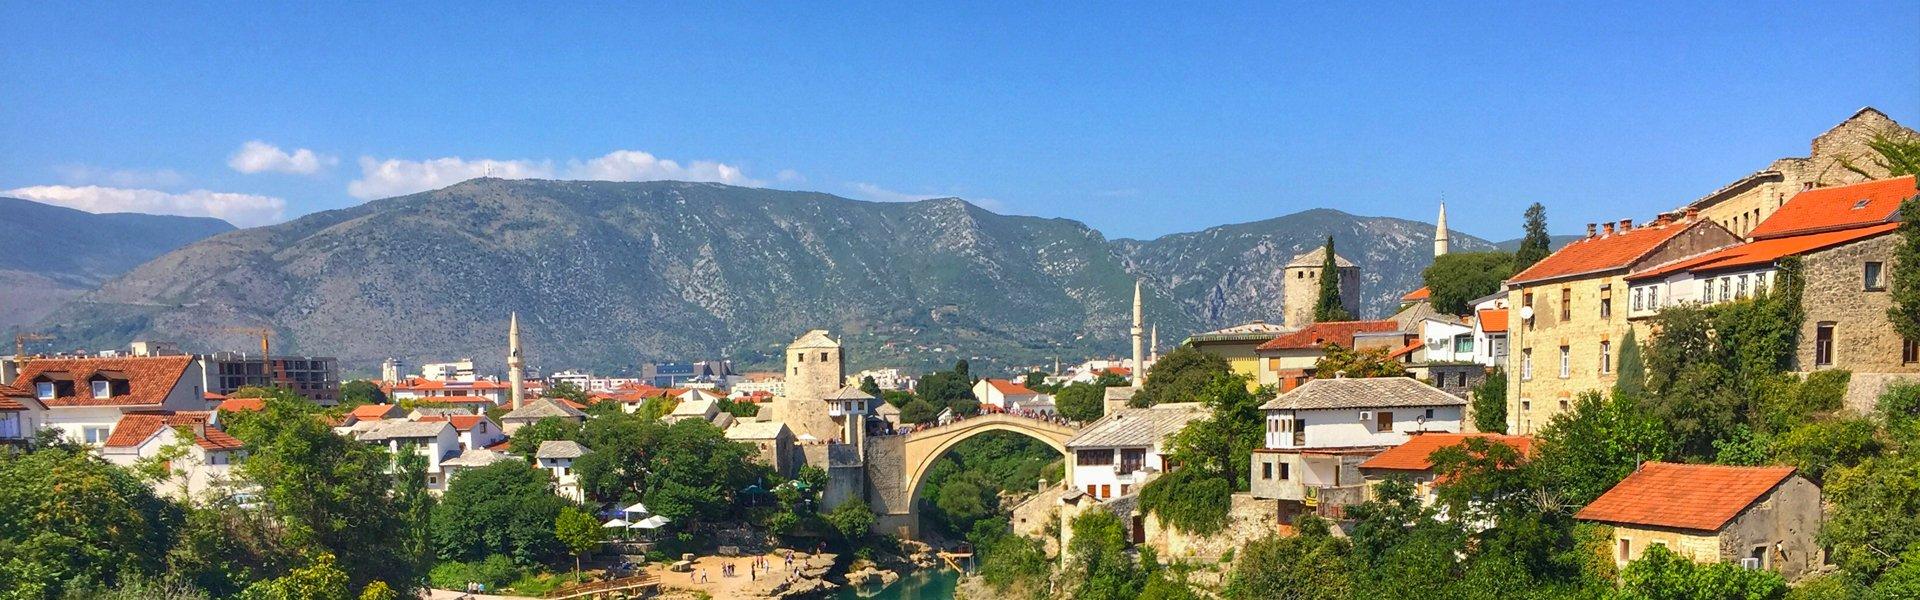 Mostar in Bosnië-Herzegovina